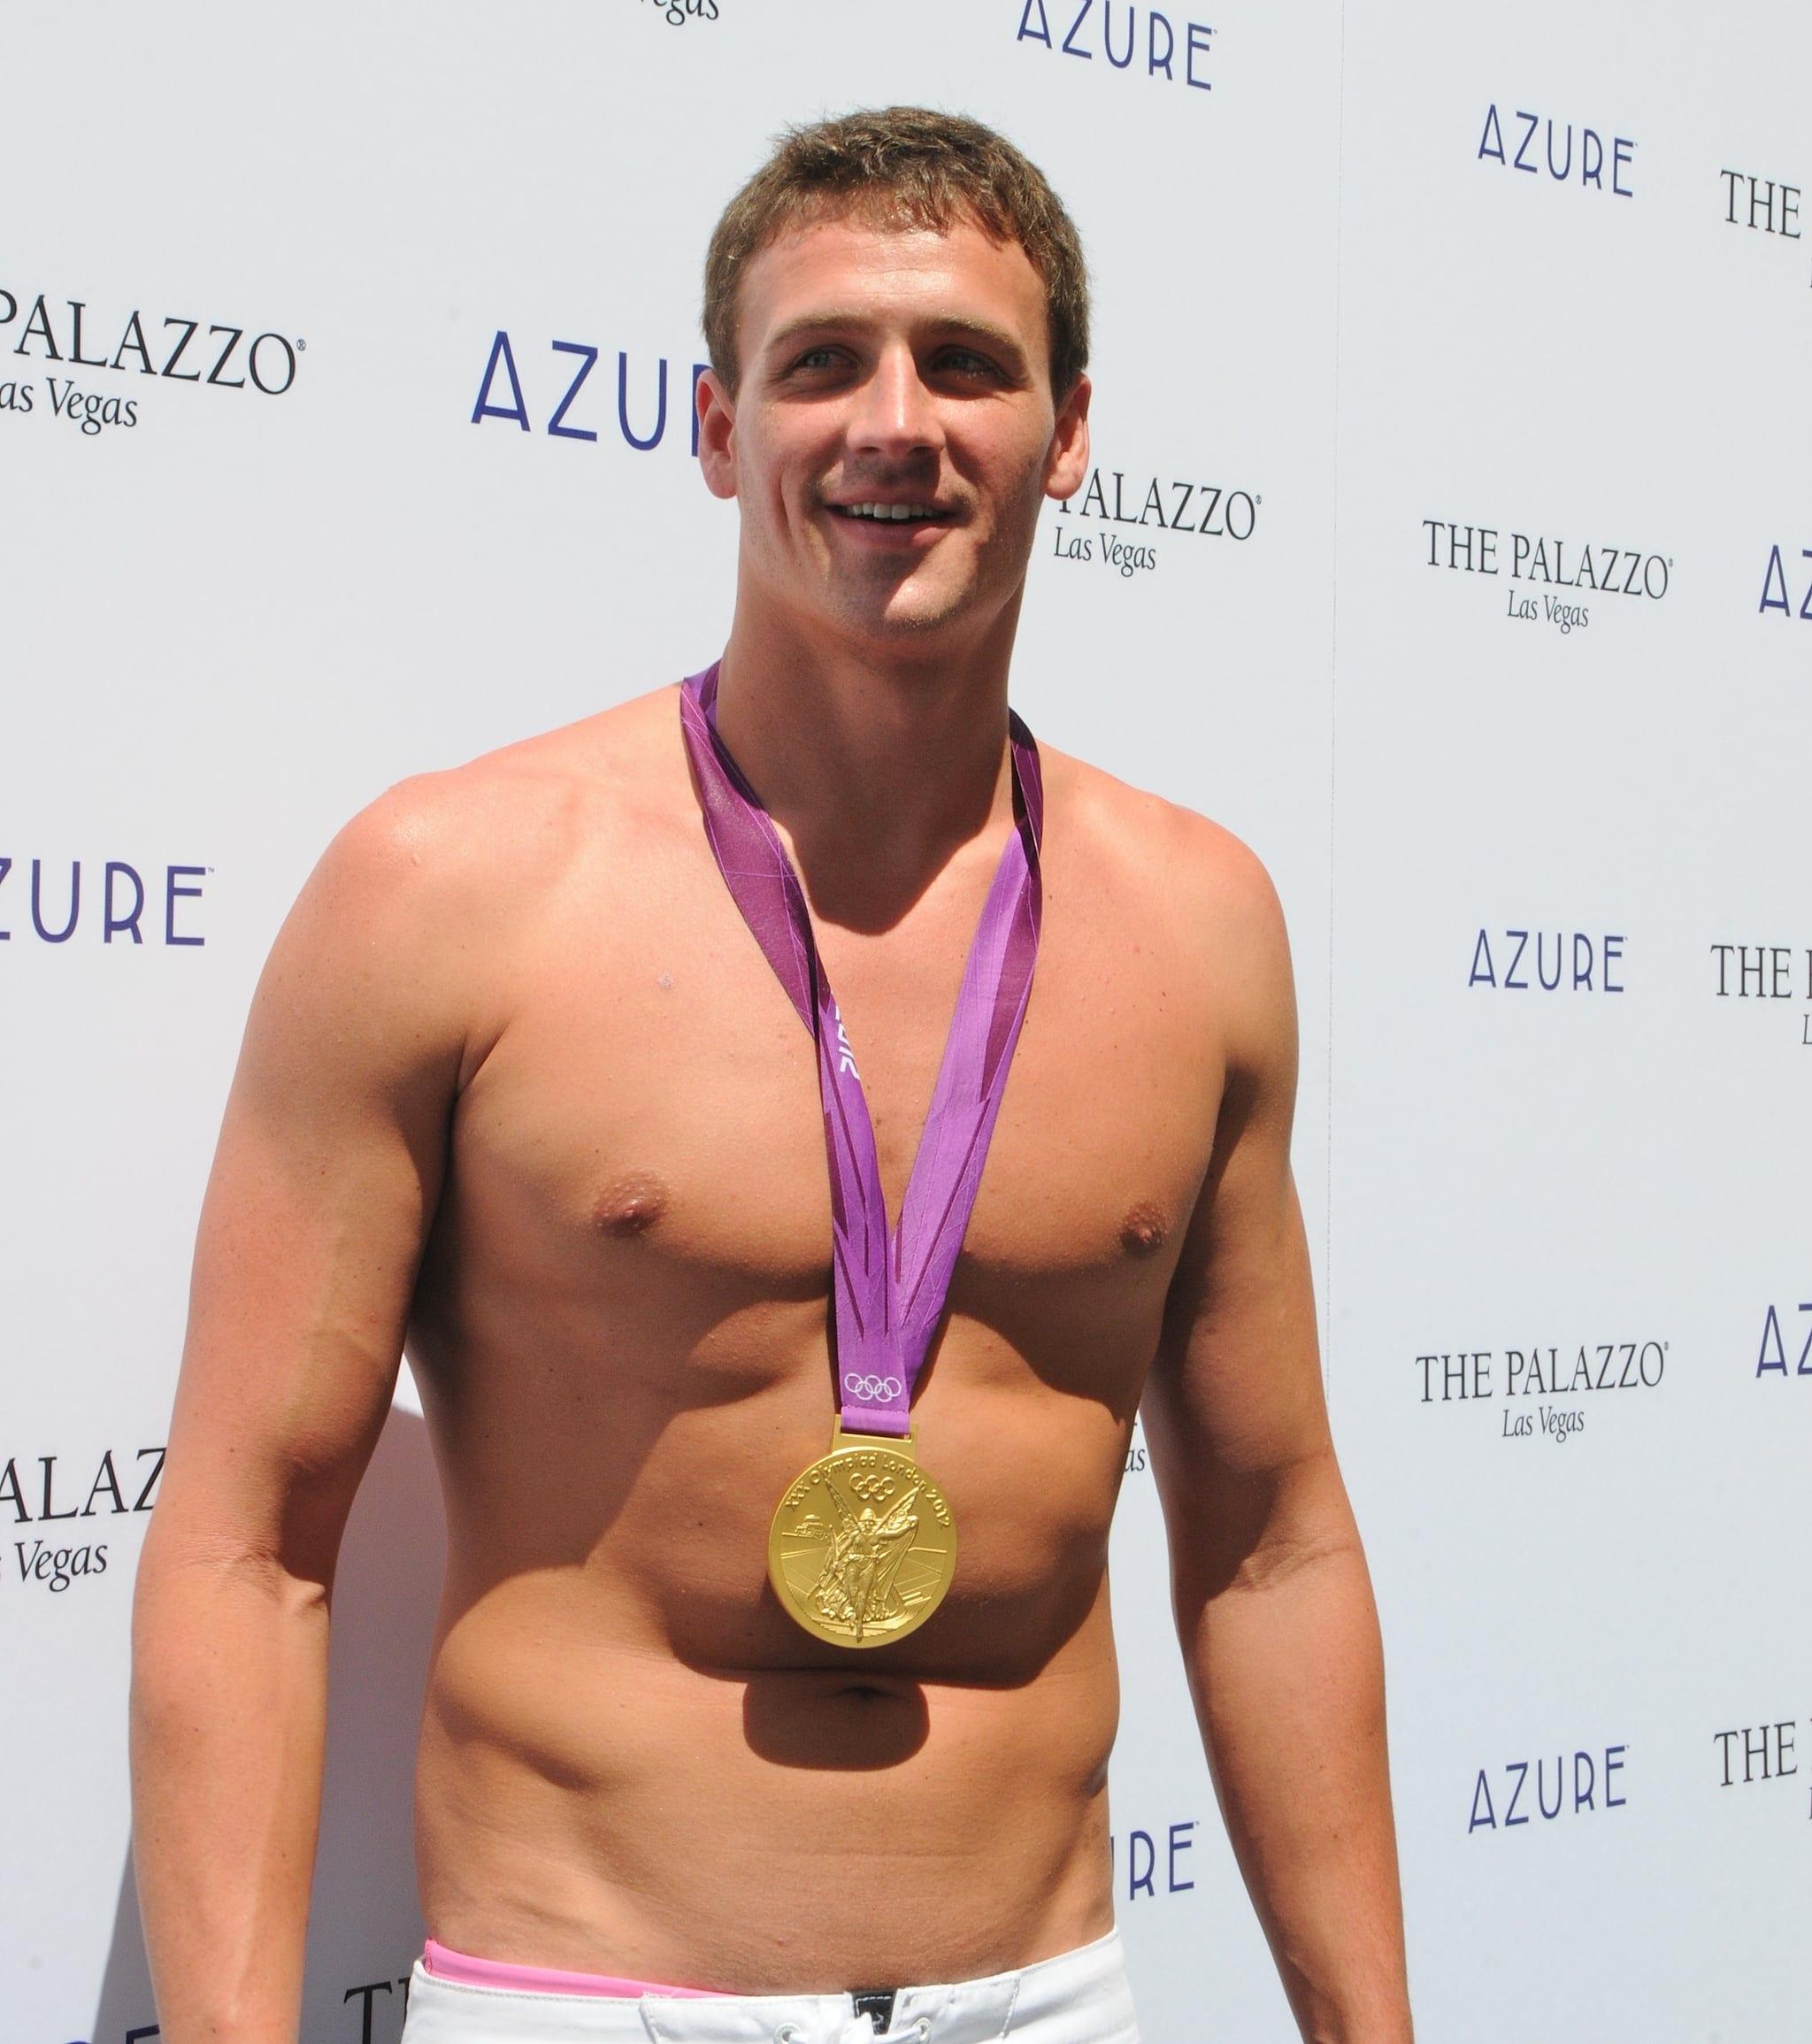 Ryan Lochte swimmer